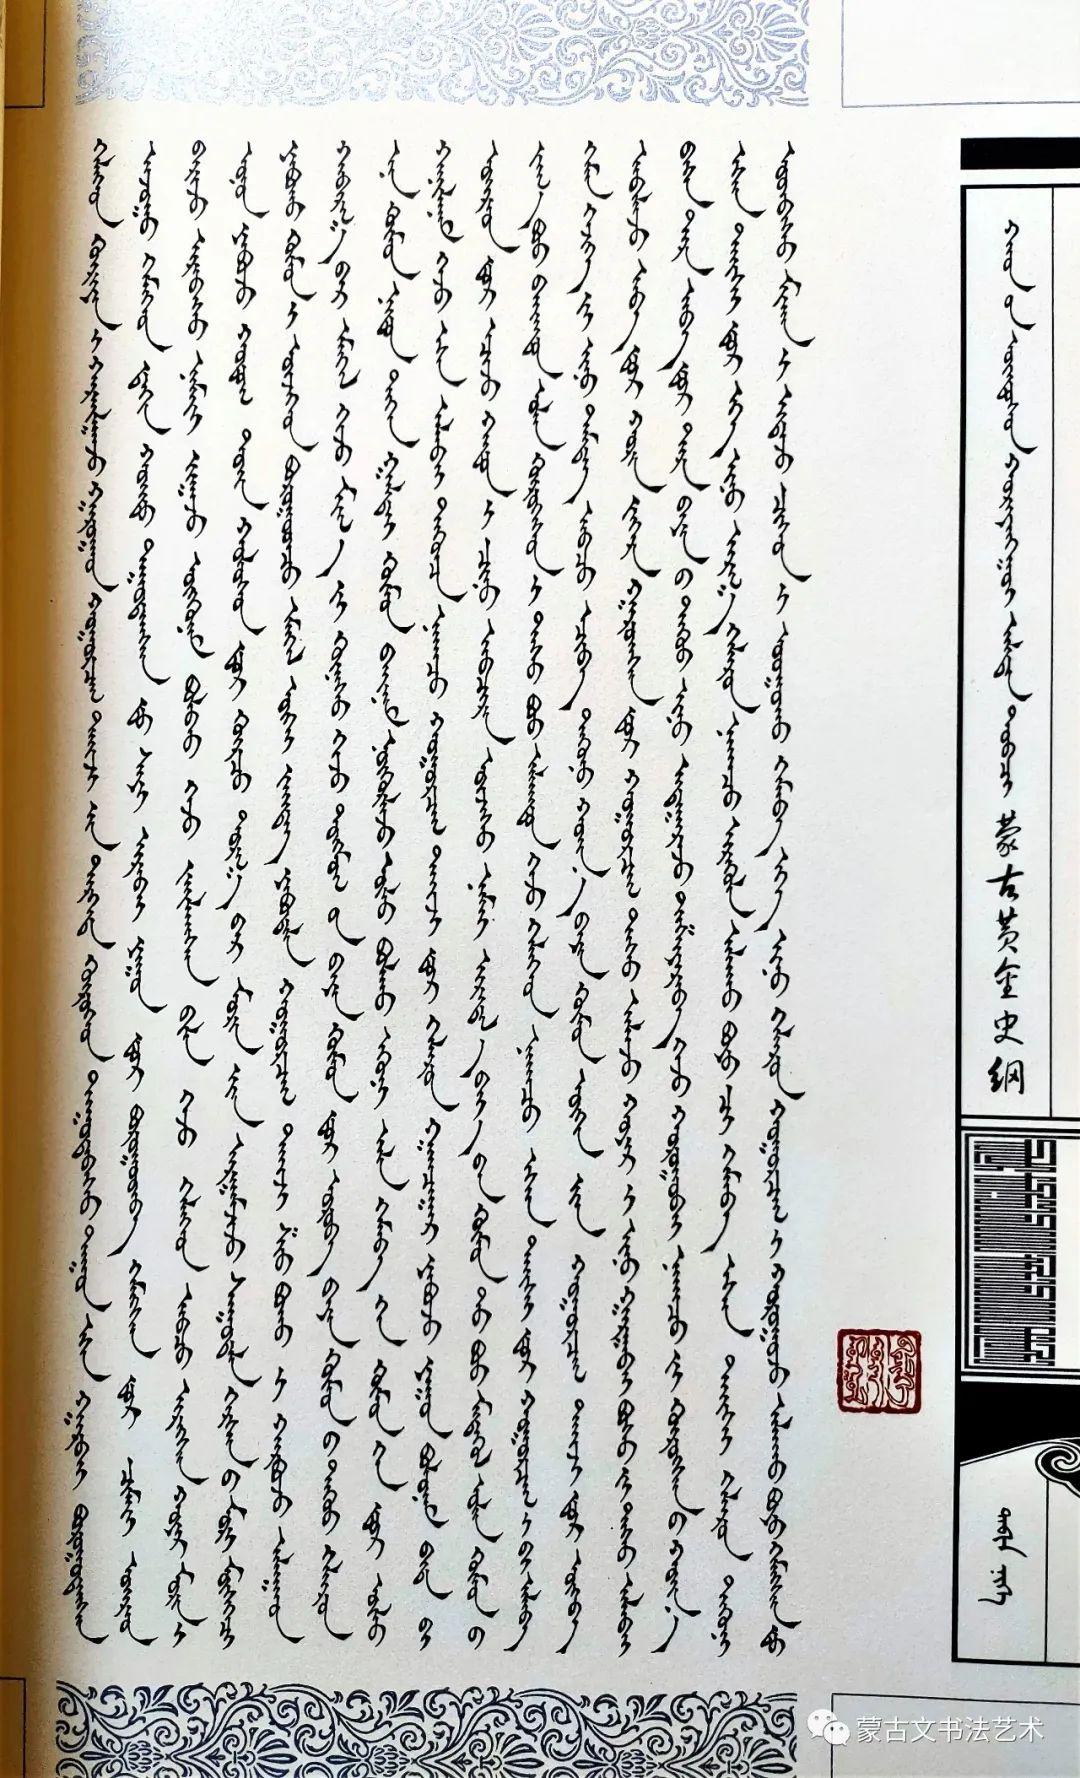 蒙古文经典文献当代书法名家手抄本之那顺德力格尔《蒙古黄金史纲》 第8张